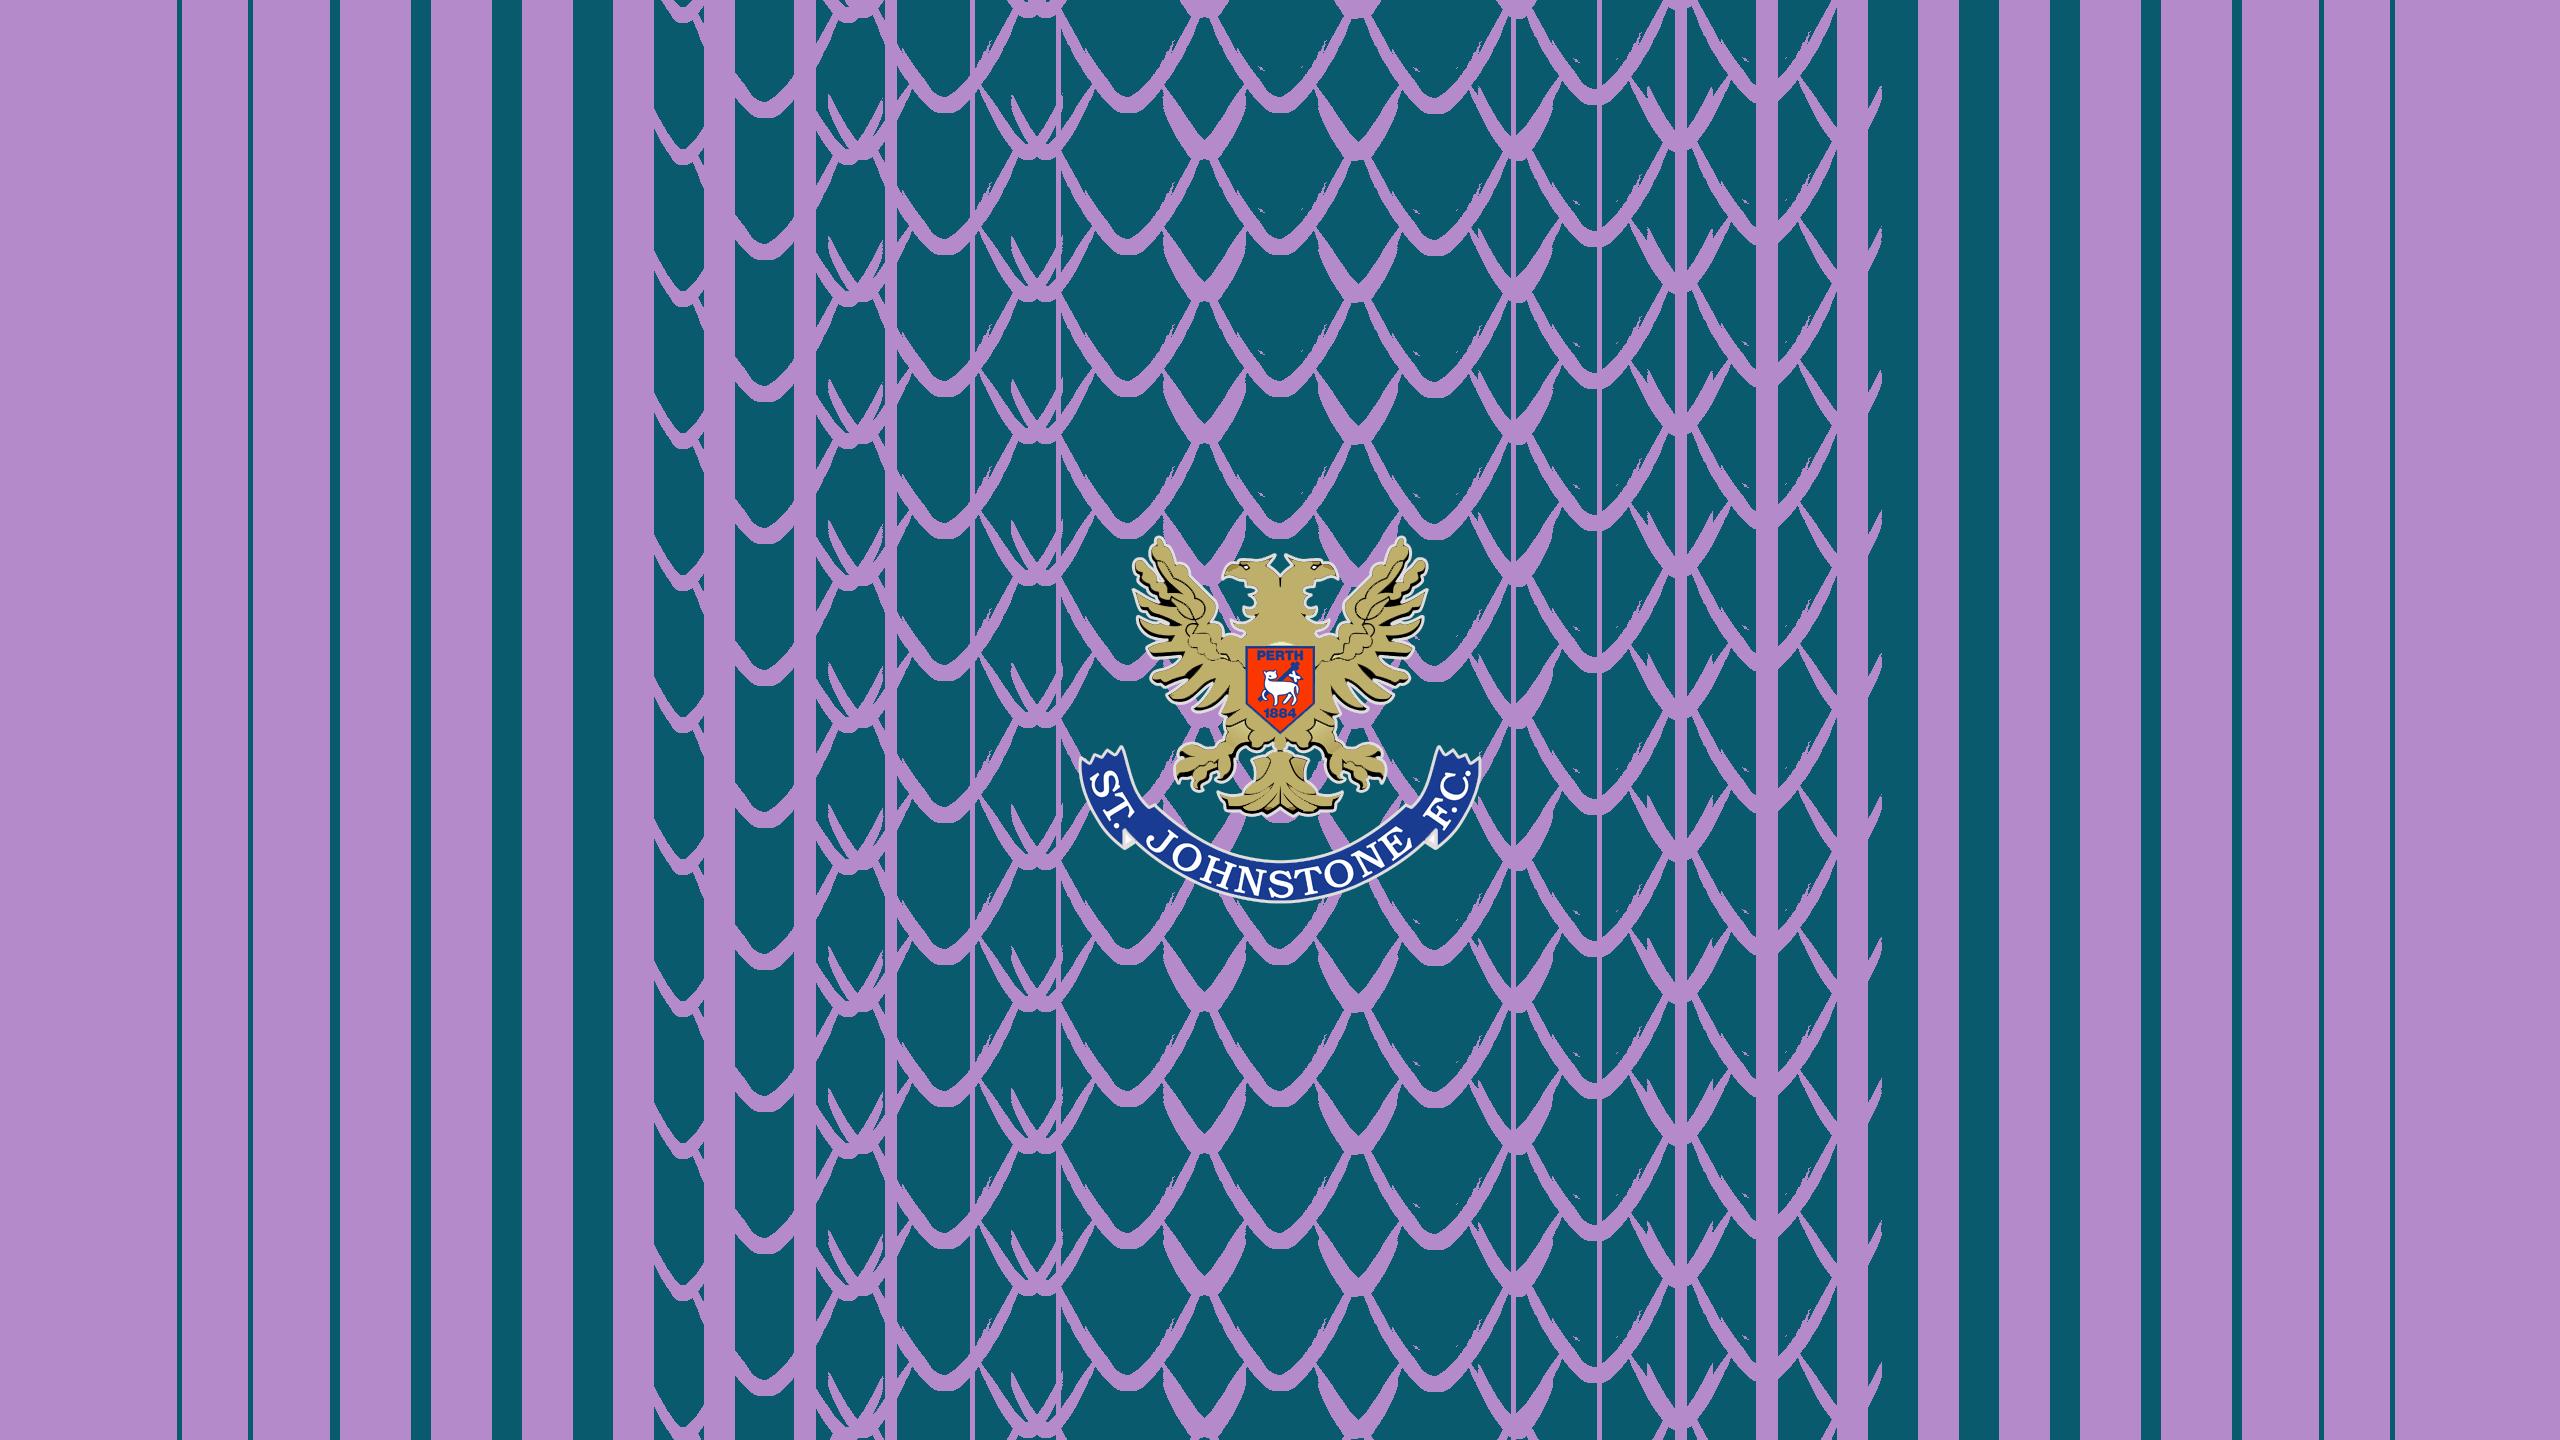 St. Johnstone FC (Away)